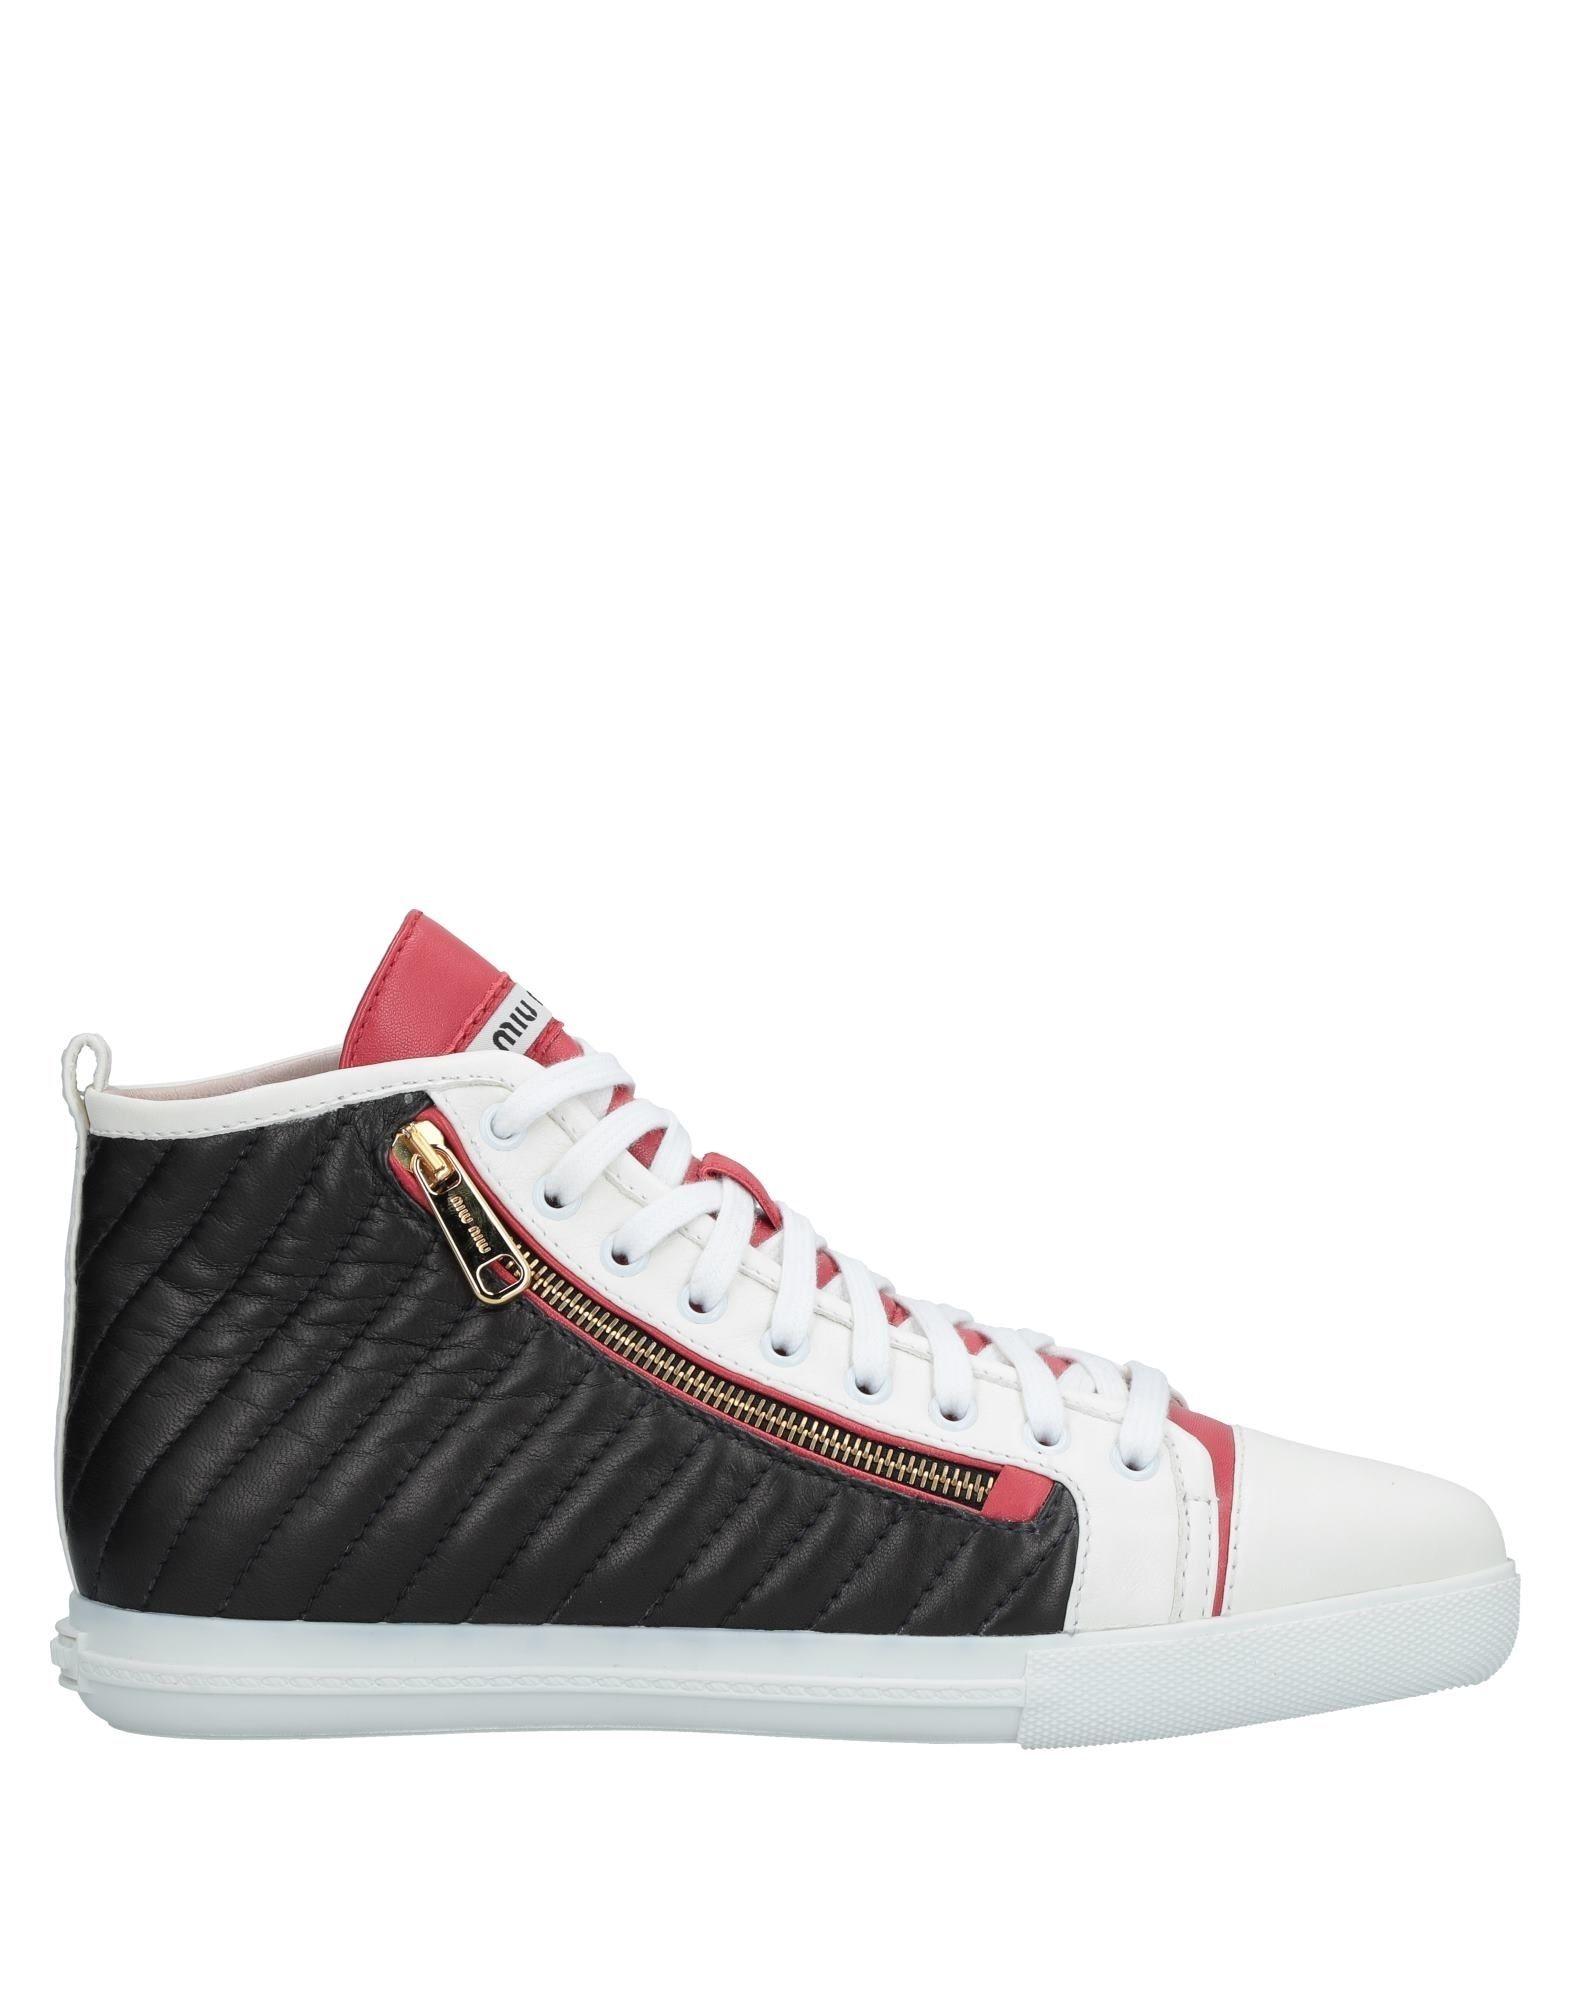 Miu Miu Sneakers Damen  11536959MWGünstige gut aussehende Schuhe